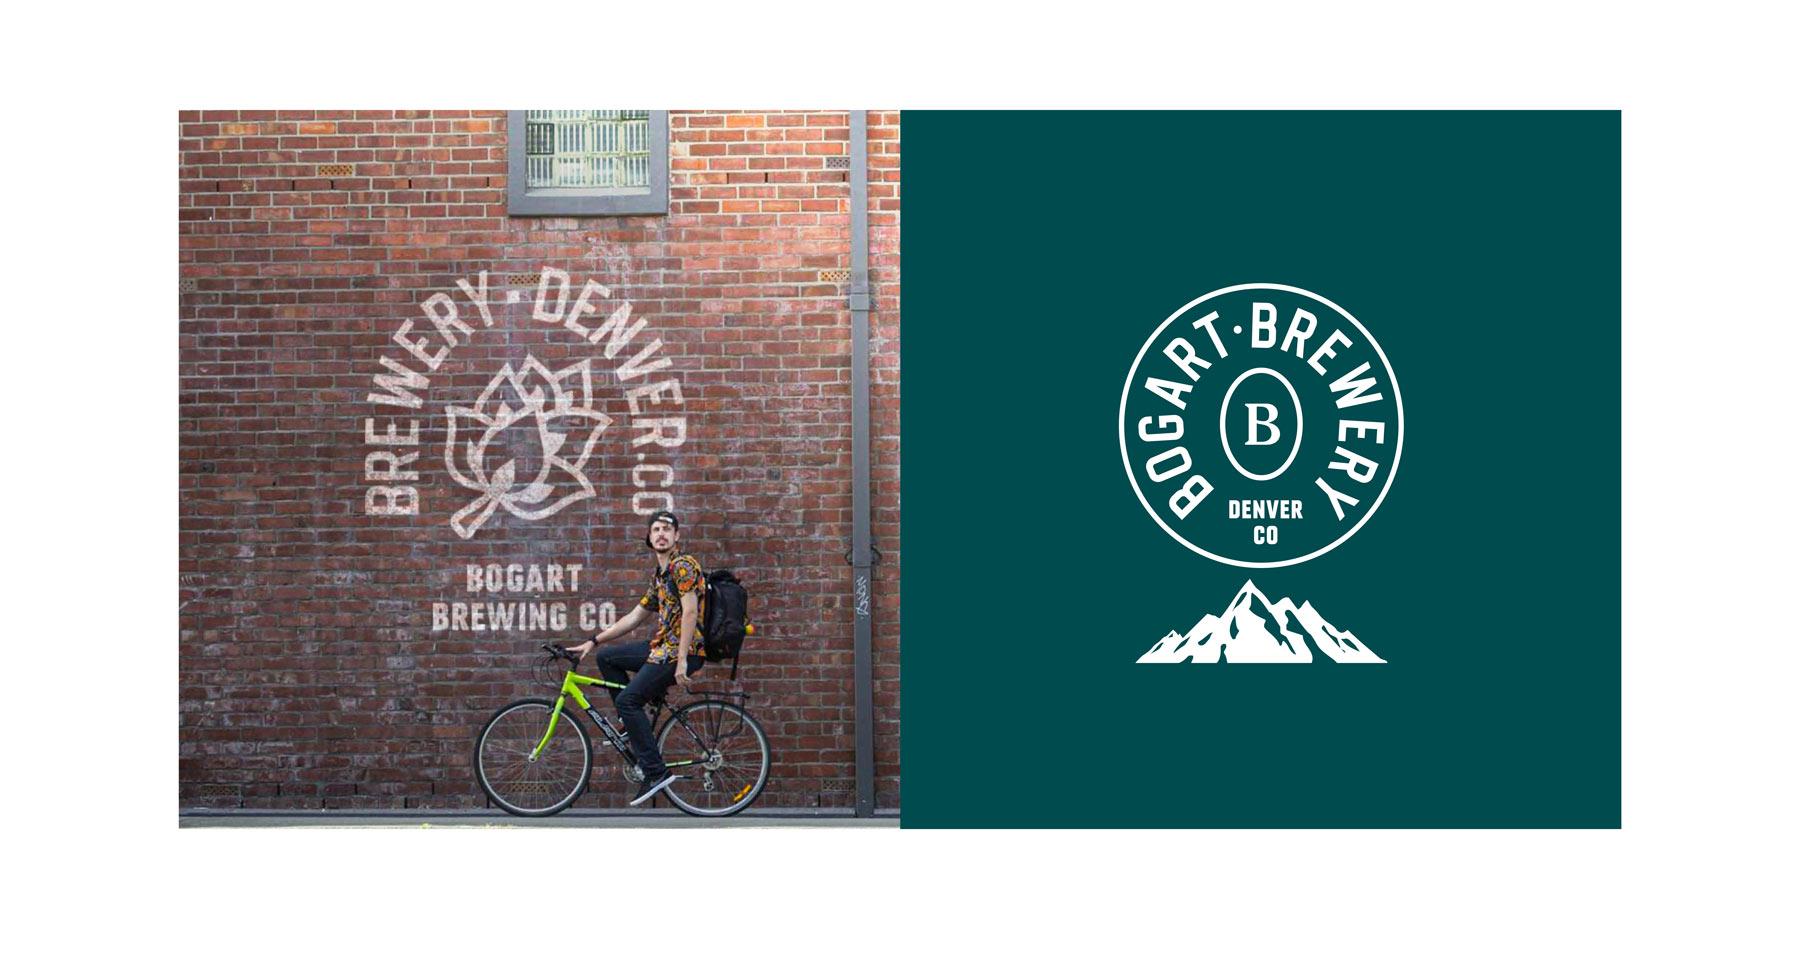 Bogart brewery craft brewery branding beer can label design mockup Kalistostudio craft beer design